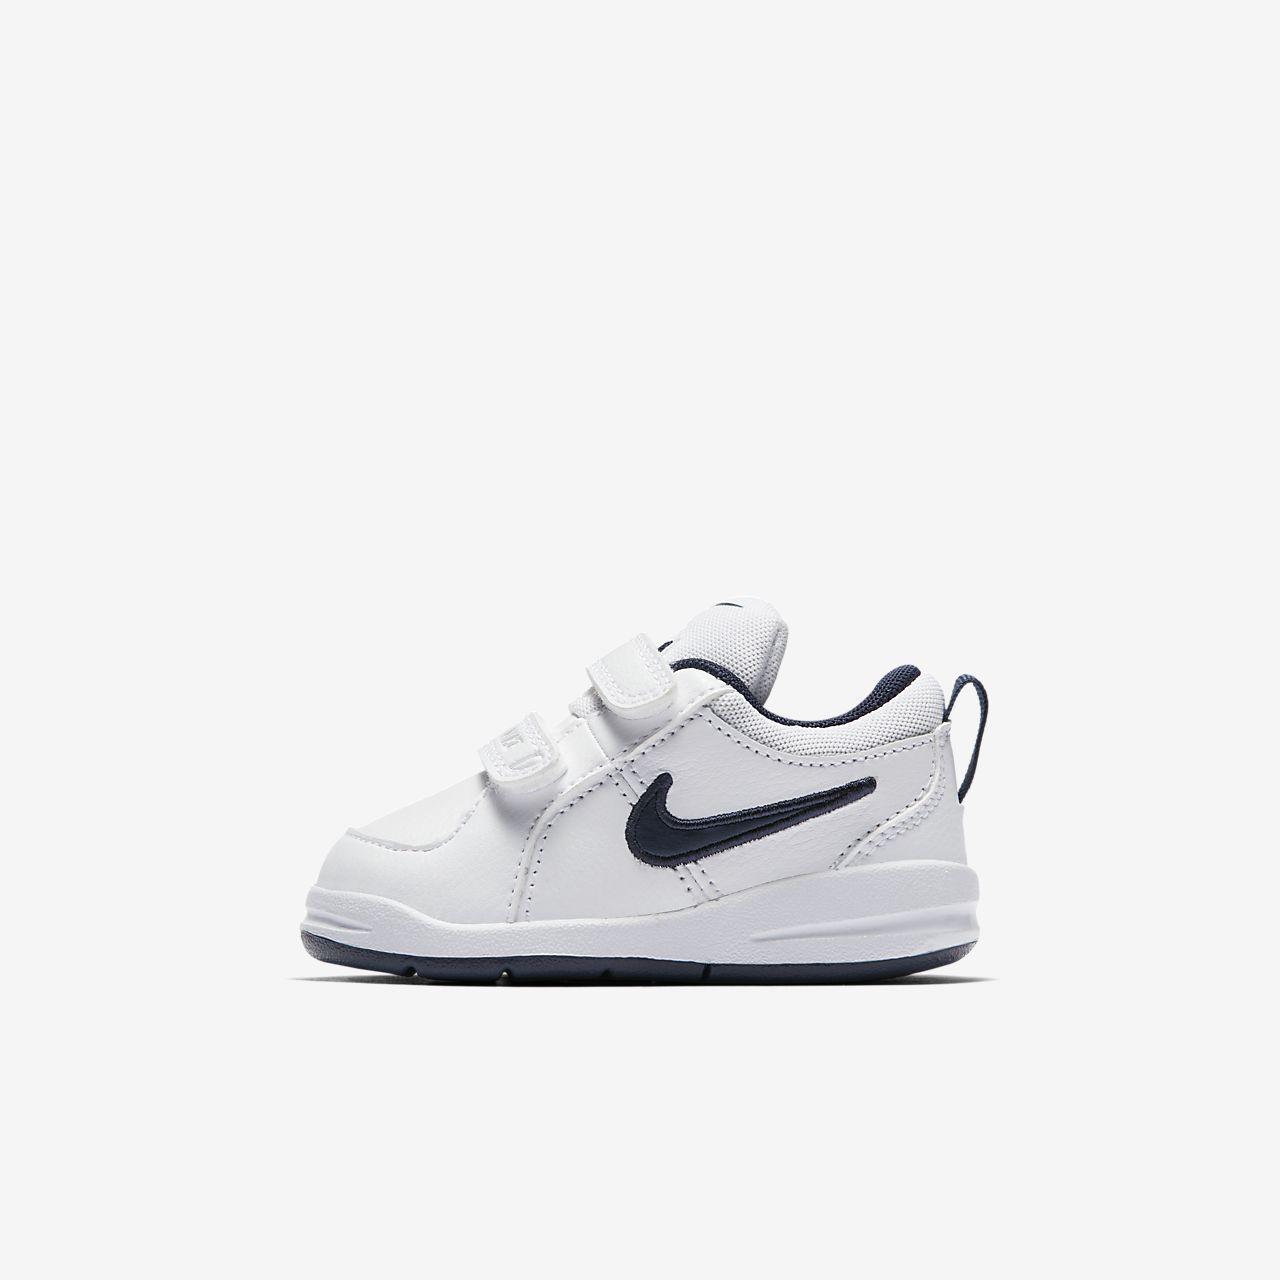 Chaussure Nike Pico 4 pour Bébé/Petit enfant